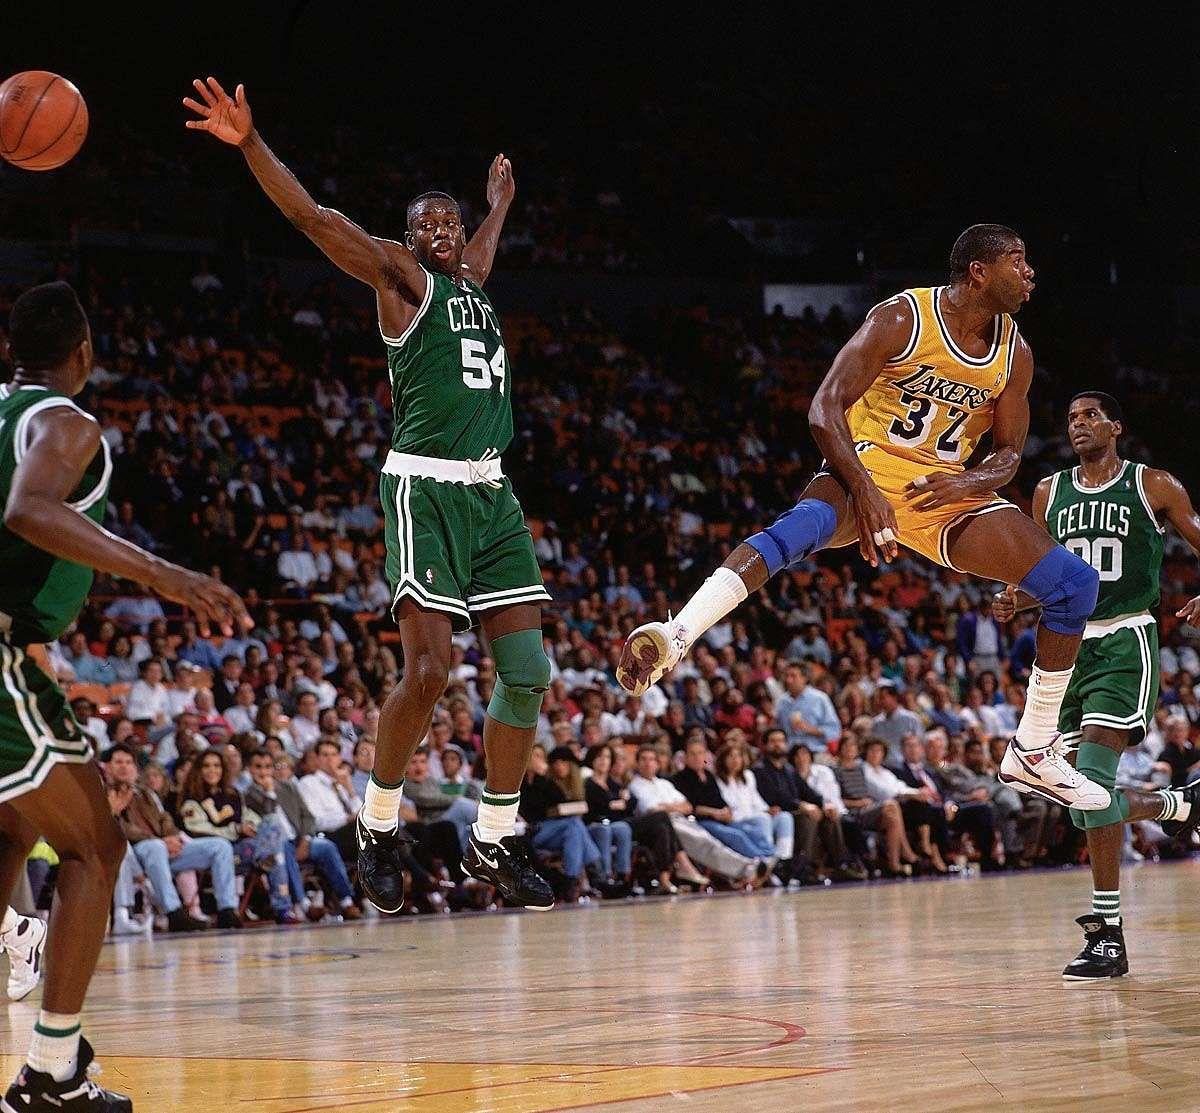 Lakers vs. Celtics, Oct. 22, 1991 Lakers point guard